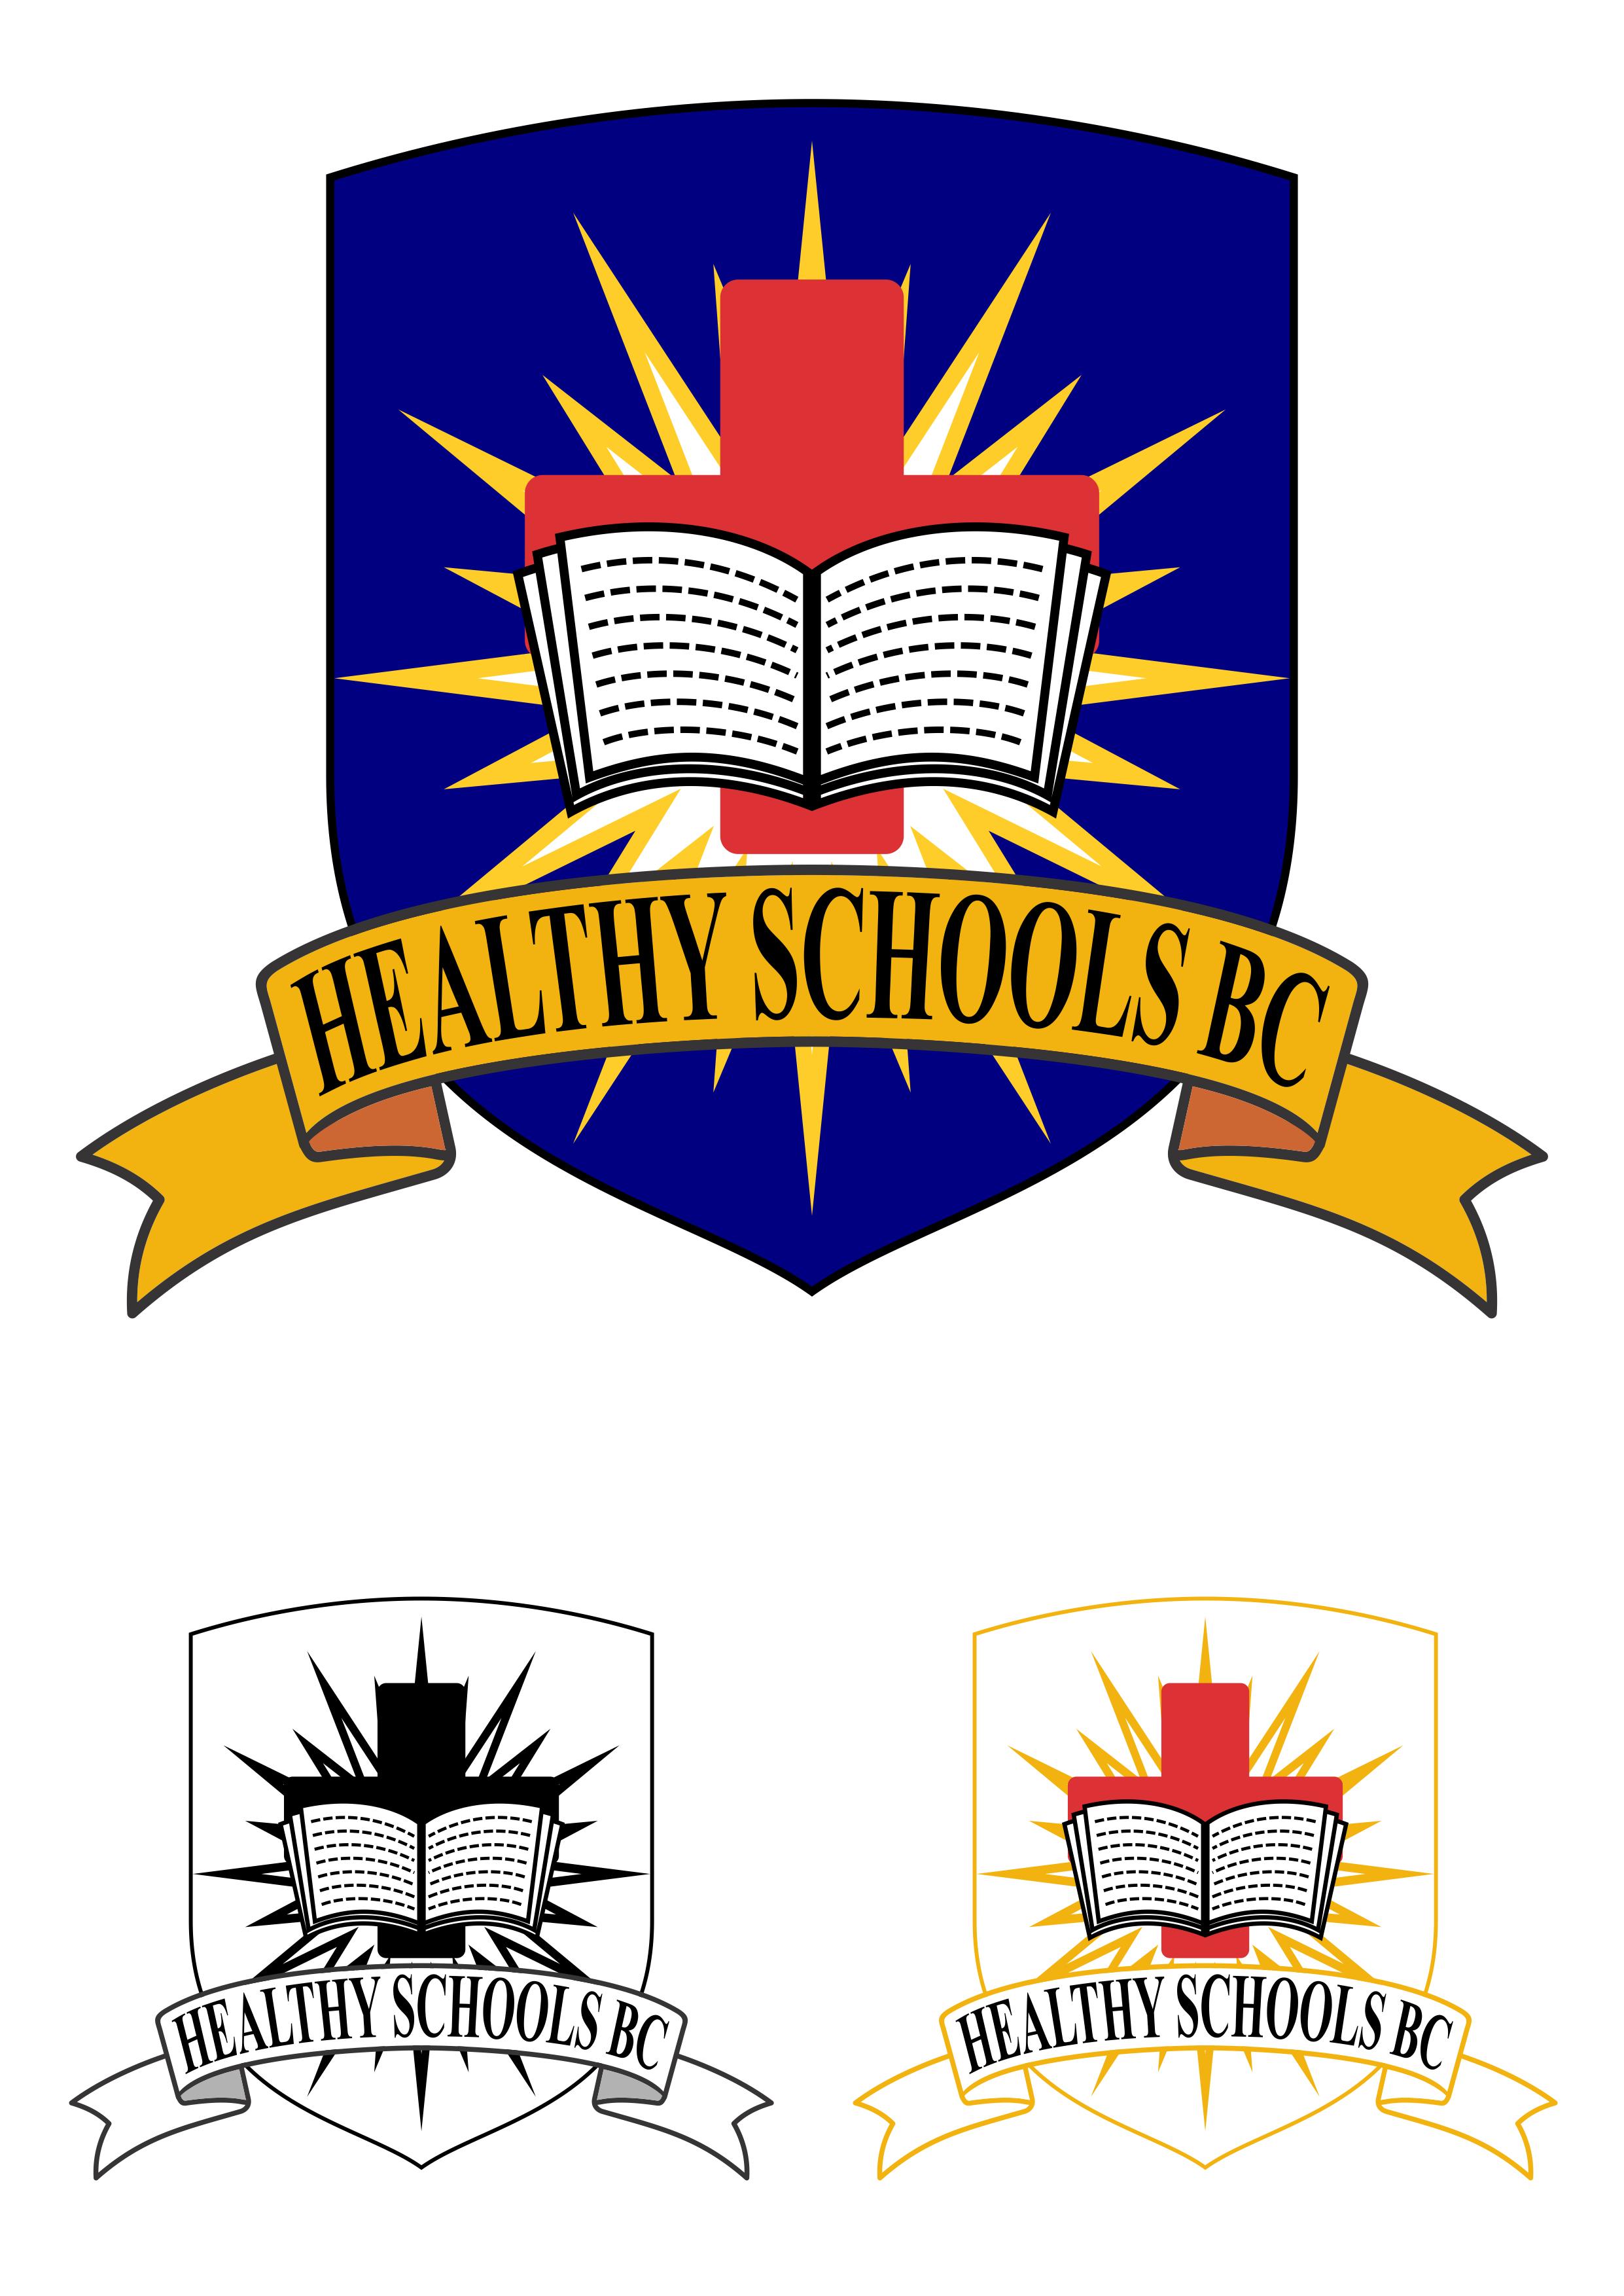 Logo Design by Yohanes Yunianto - Entry No. 30 in the Logo Design Contest SImple, Creative and Clean Logo Design for Healthy Schools British Columbia, Canada.